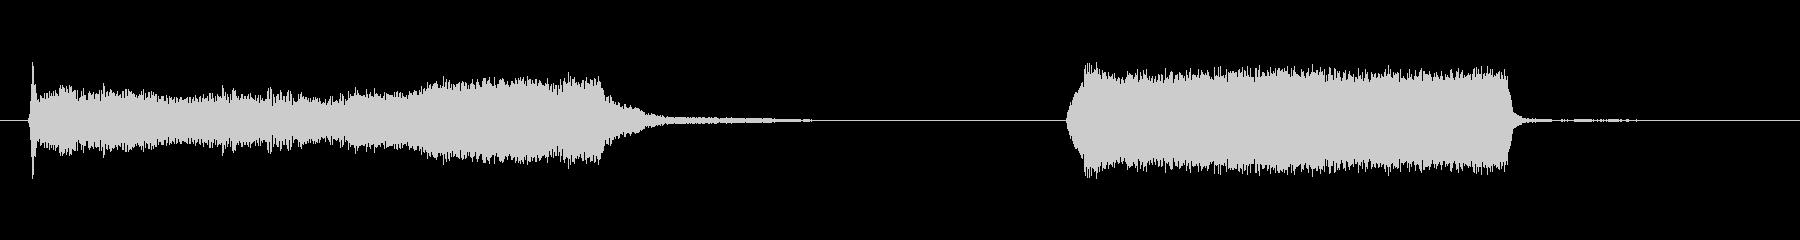 釣り船-通過-停止-ボートの未再生の波形